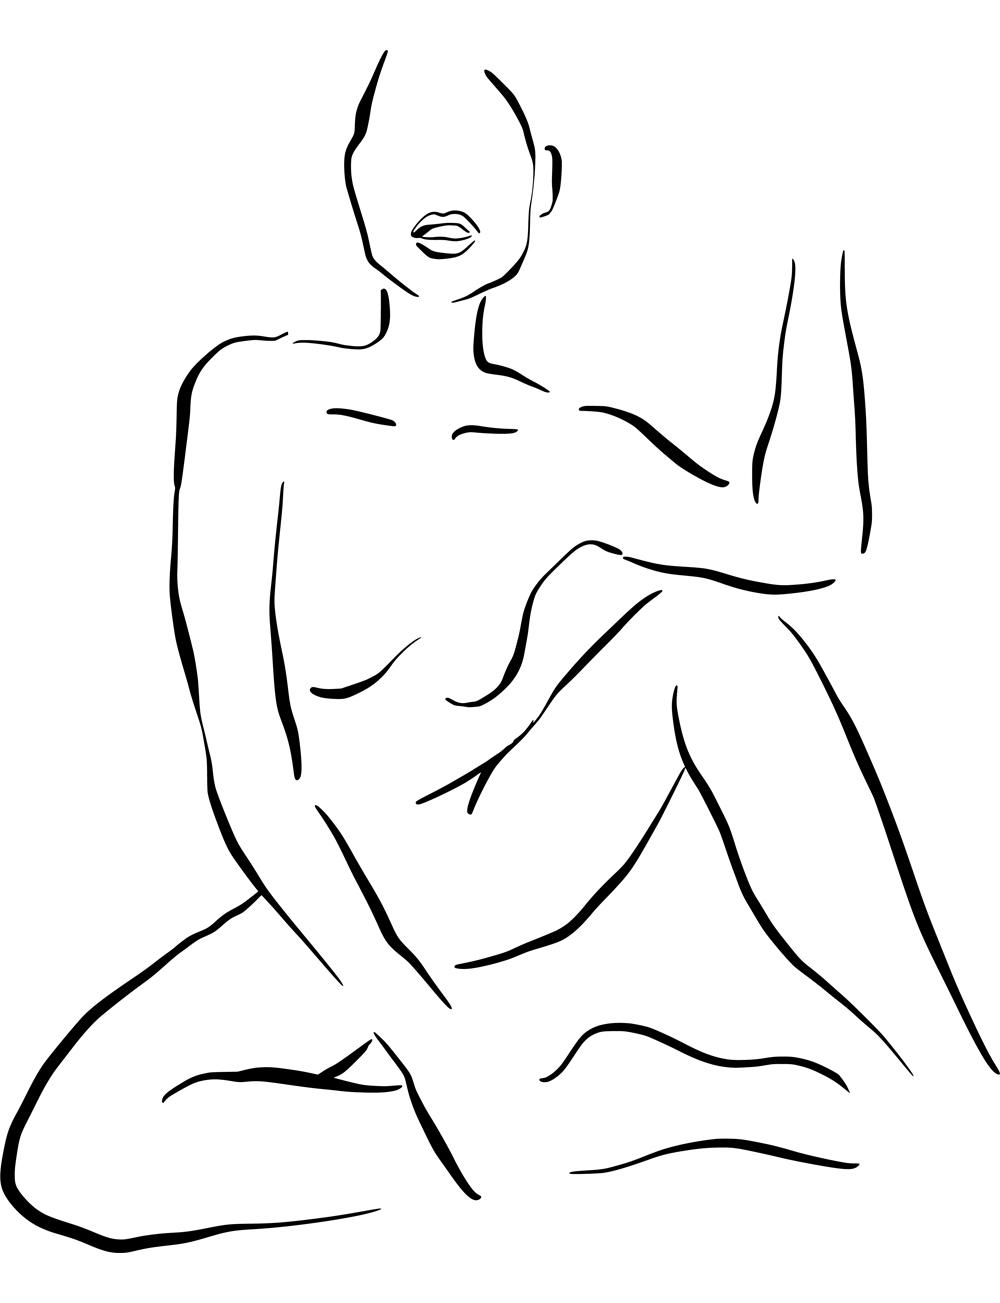 making vagina tighter